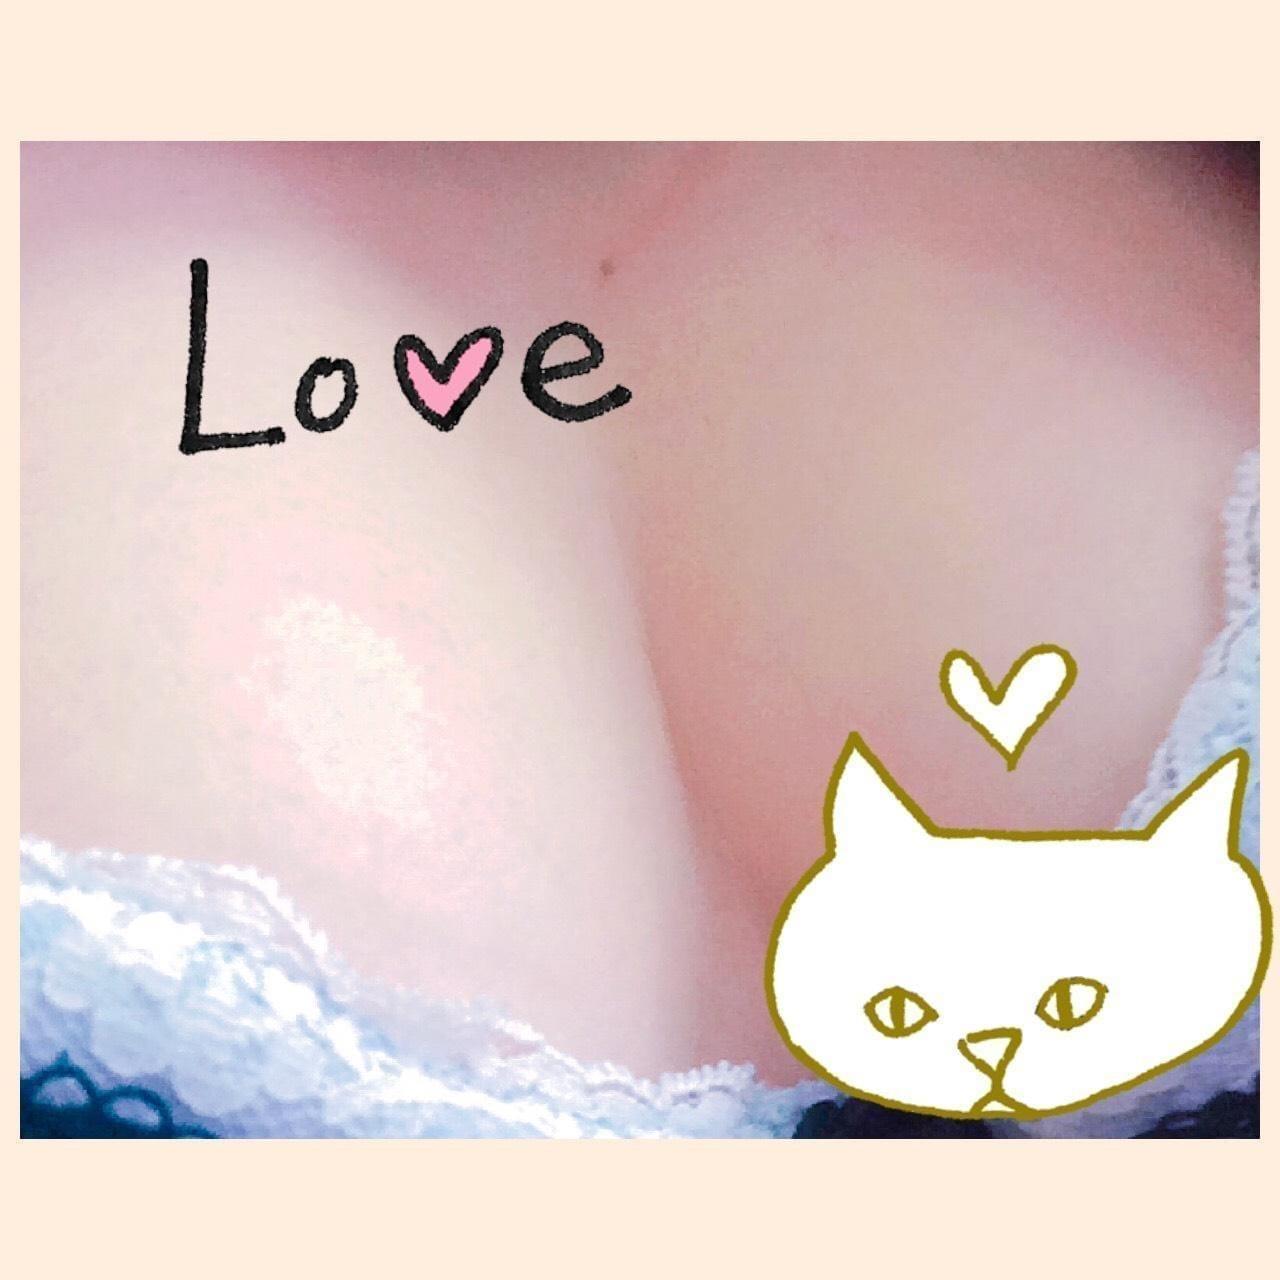 「出勤でーす☆」07/20(07/20) 16:35 | あかね先生の写メ・風俗動画